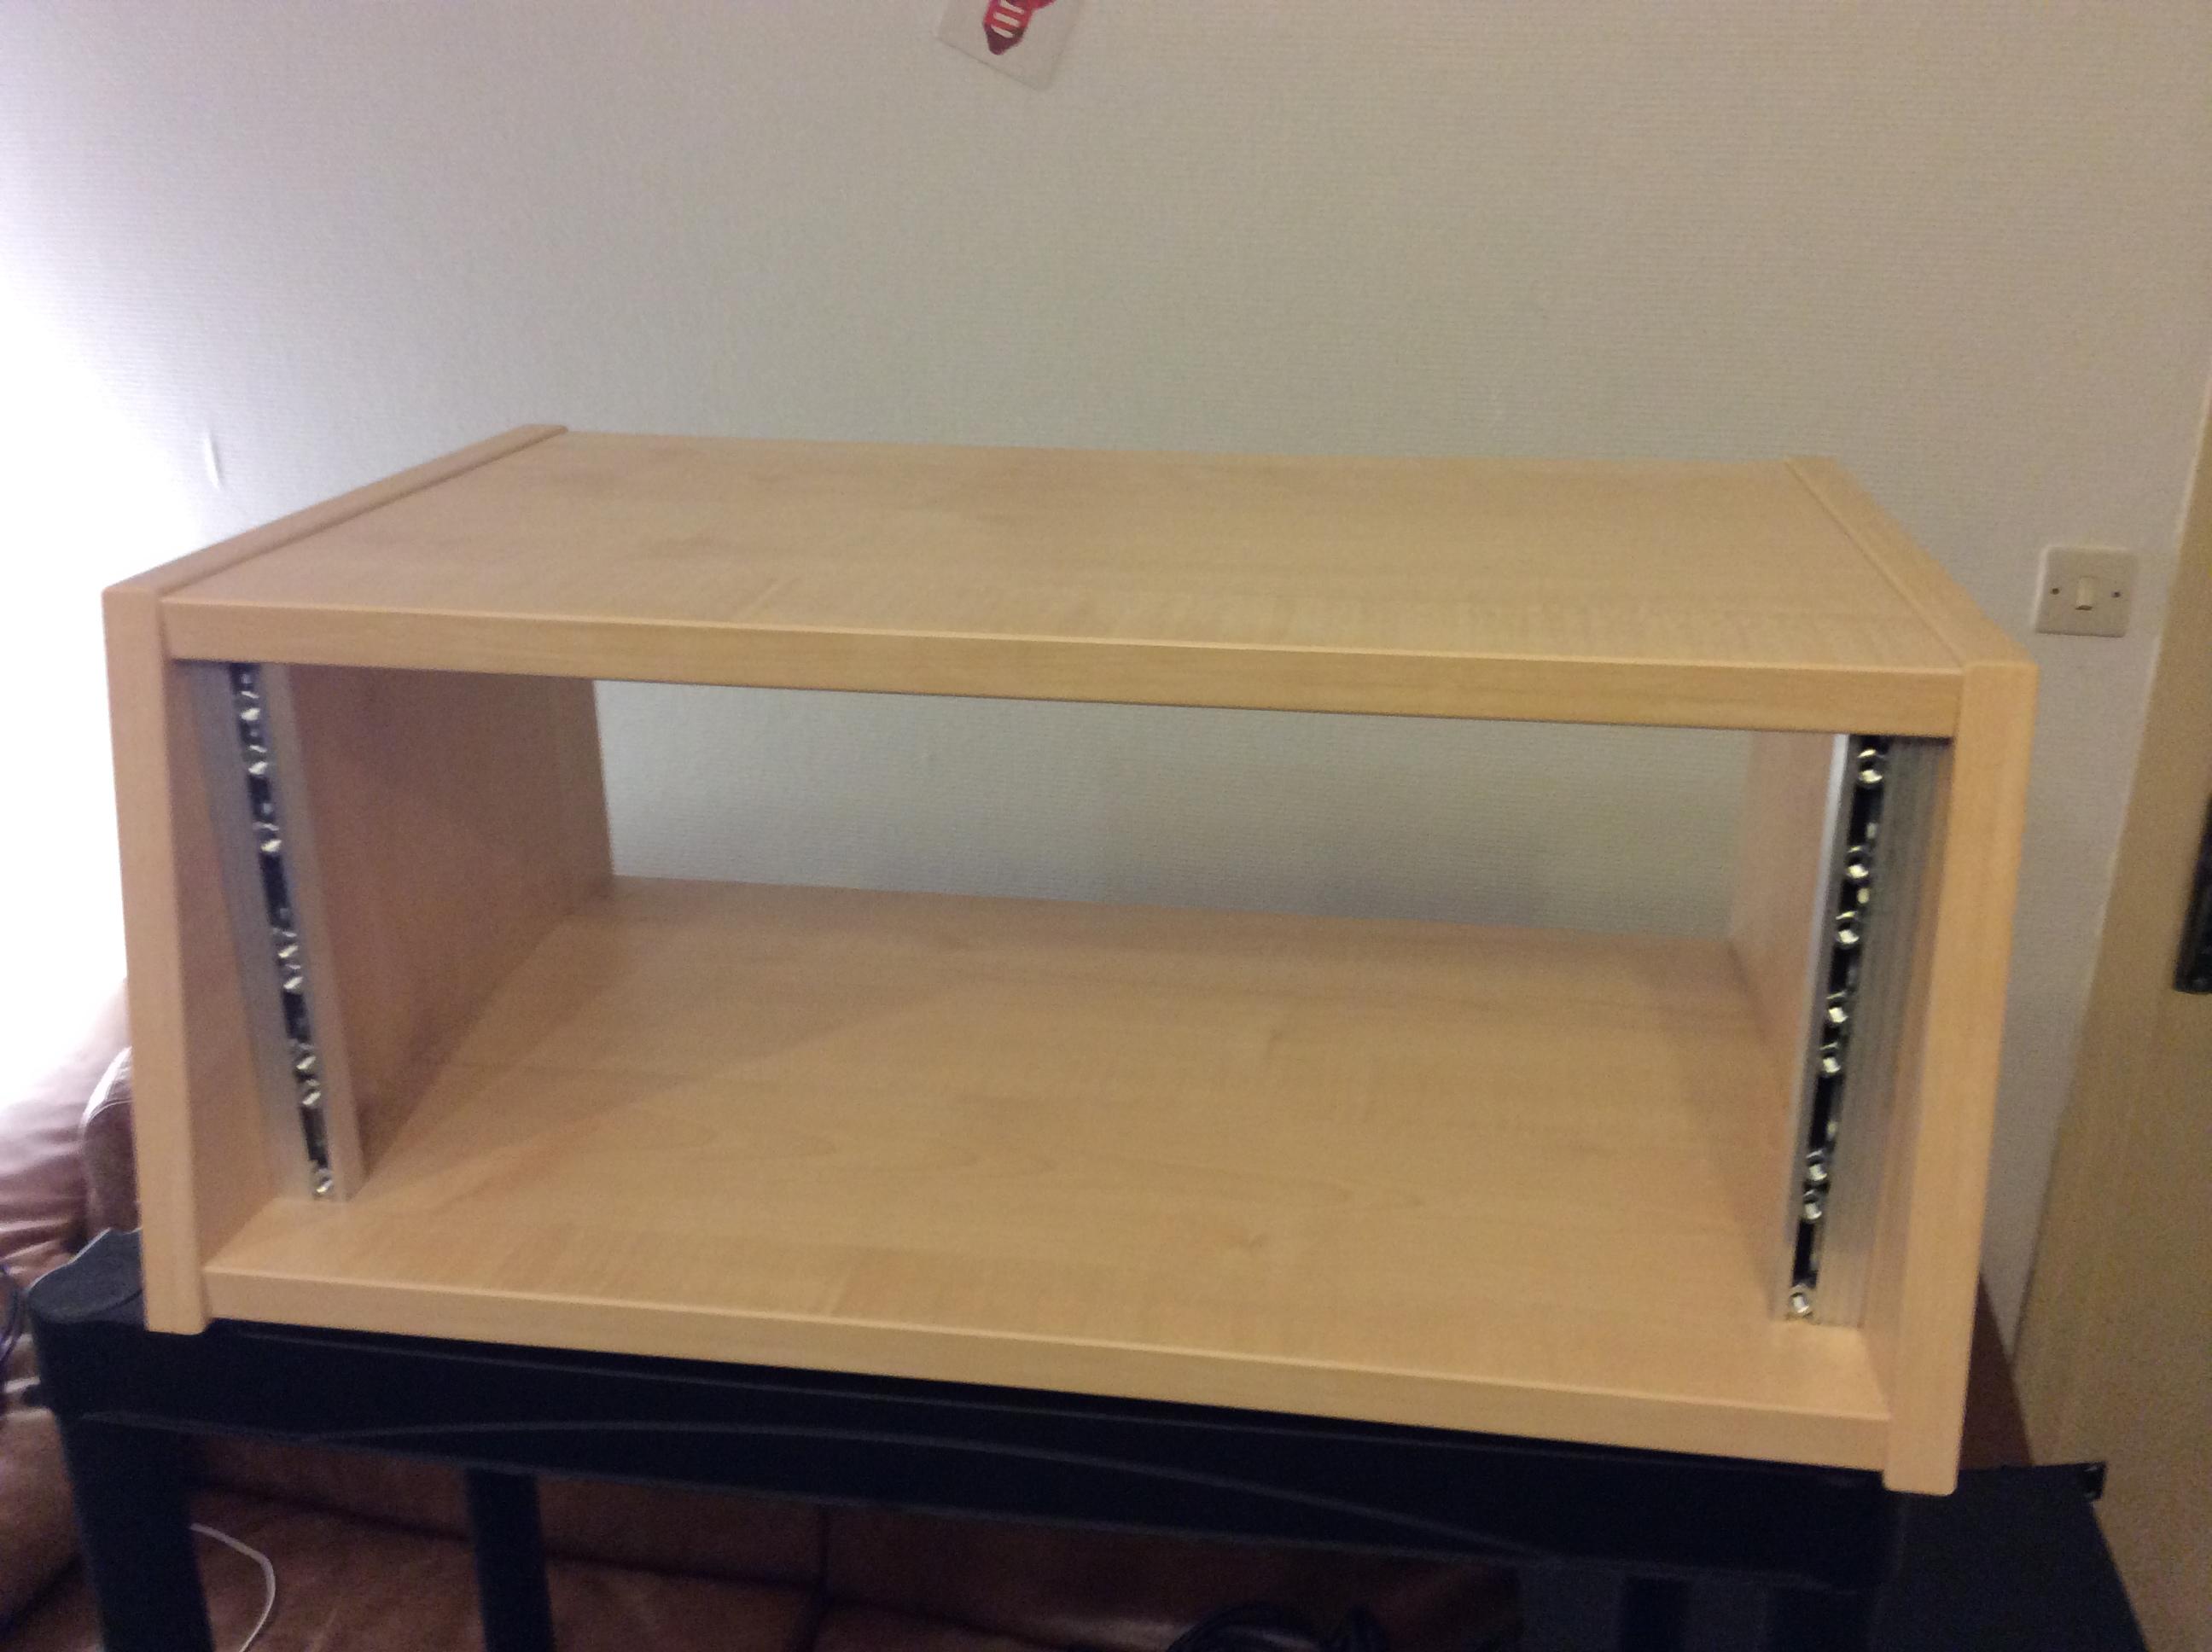 Studio Rack Desk - Diy Projects